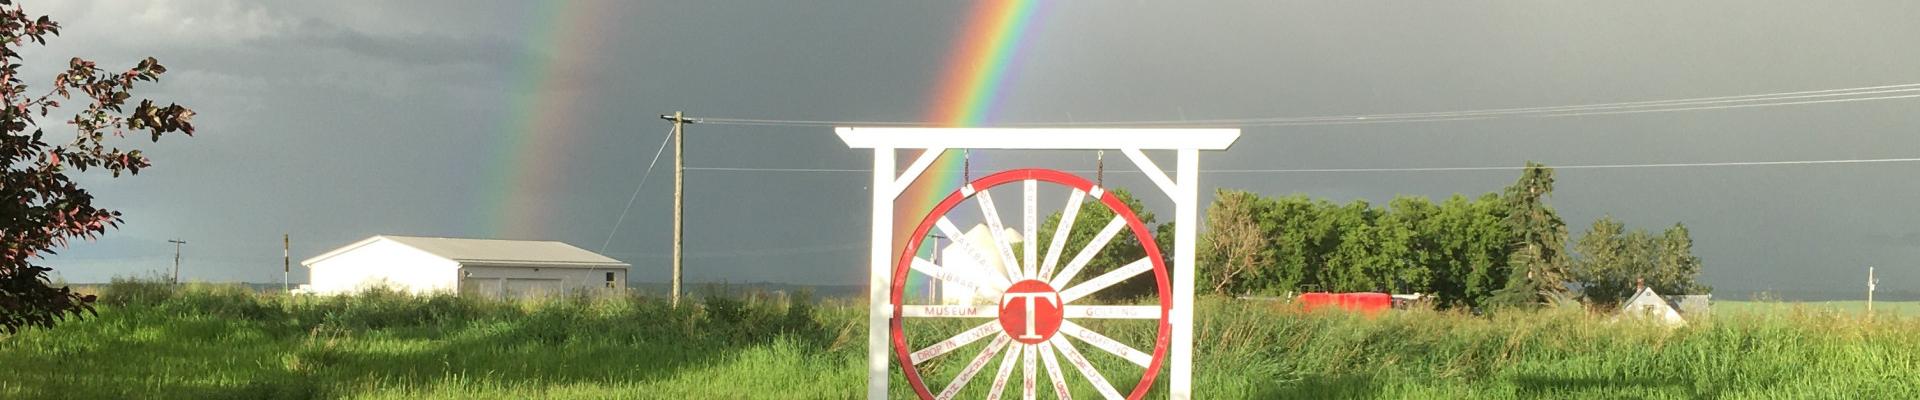 Rainbow 1 pic